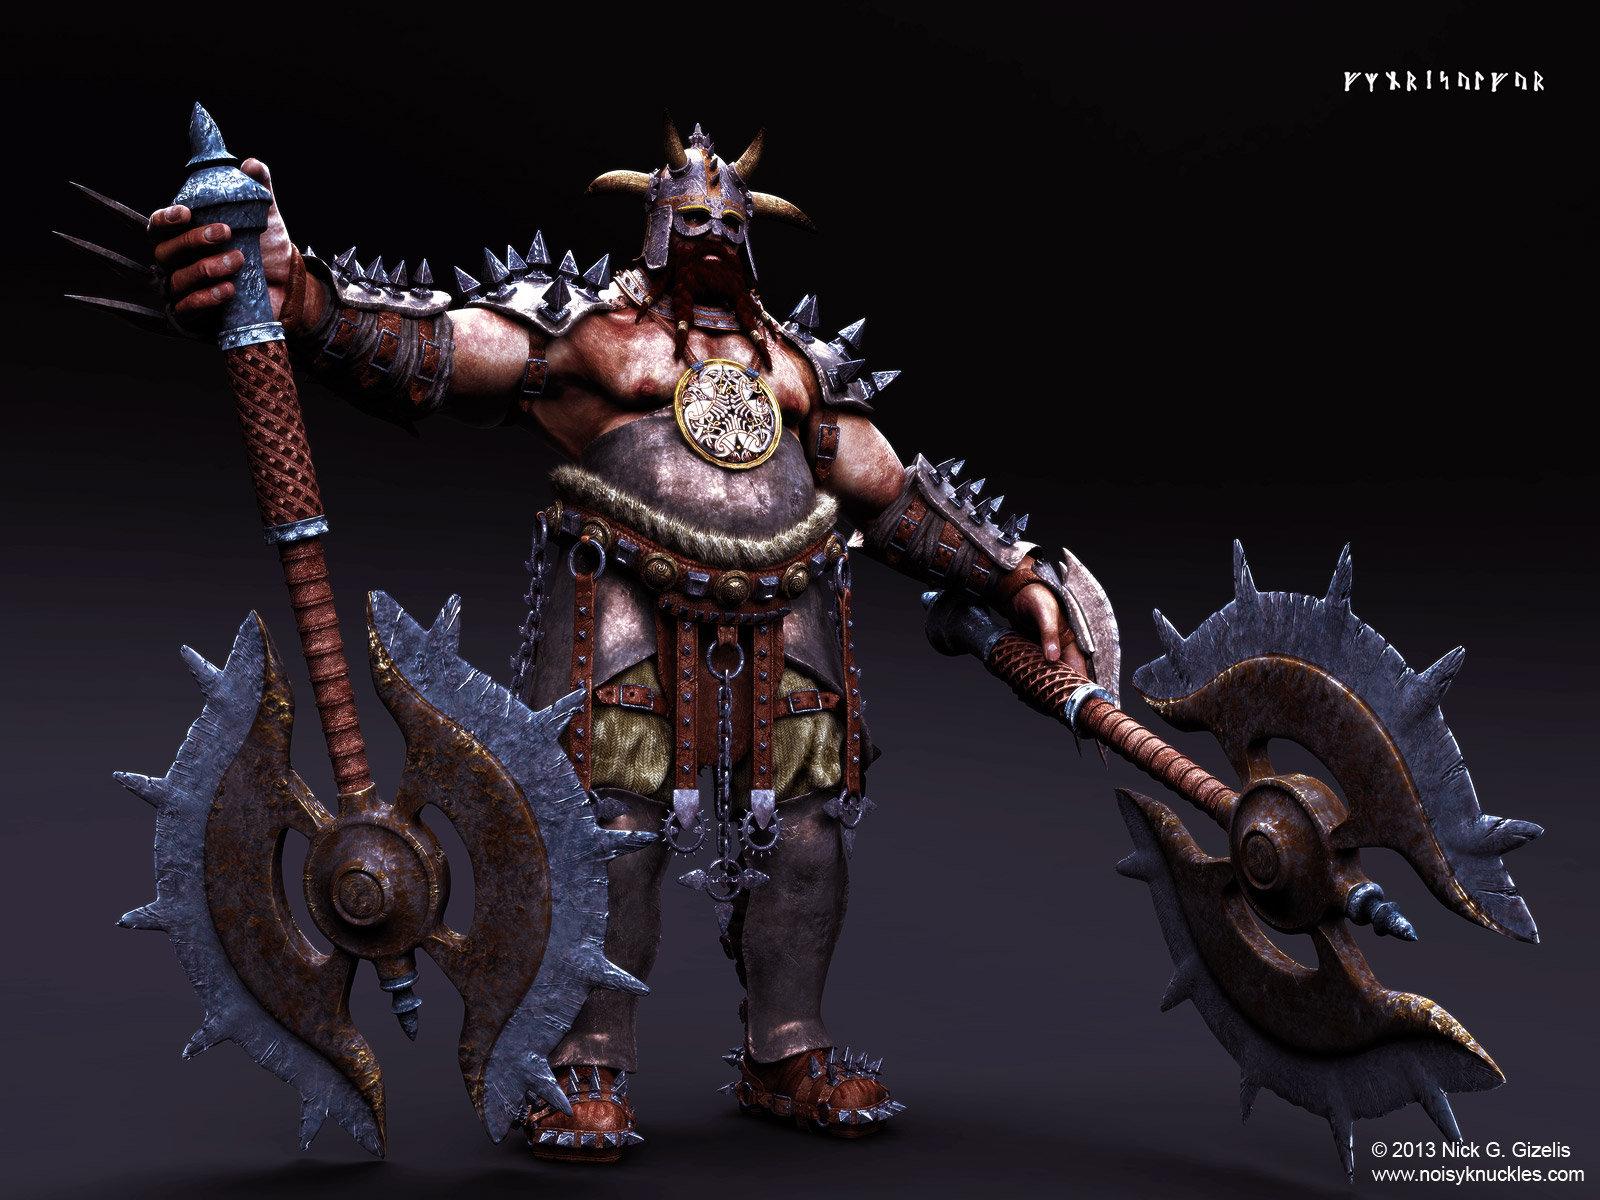 nick-gizelis-warlord-render-black-1